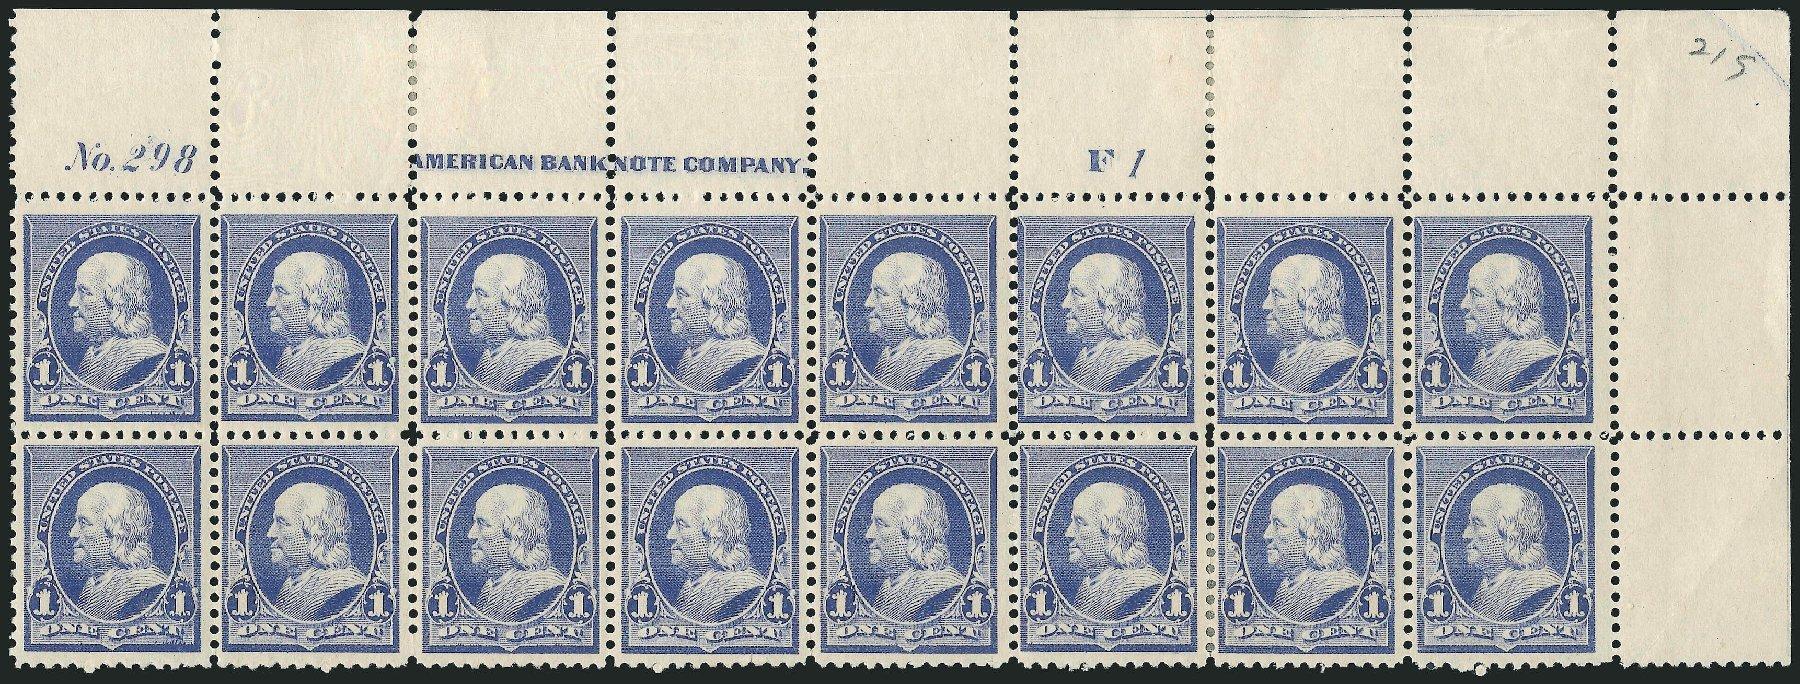 US Stamp Price Scott #219 - 1890 1c Franklin. Robert Siegel Auction Galleries, Nov 2014, Sale 1084, Lot 3496